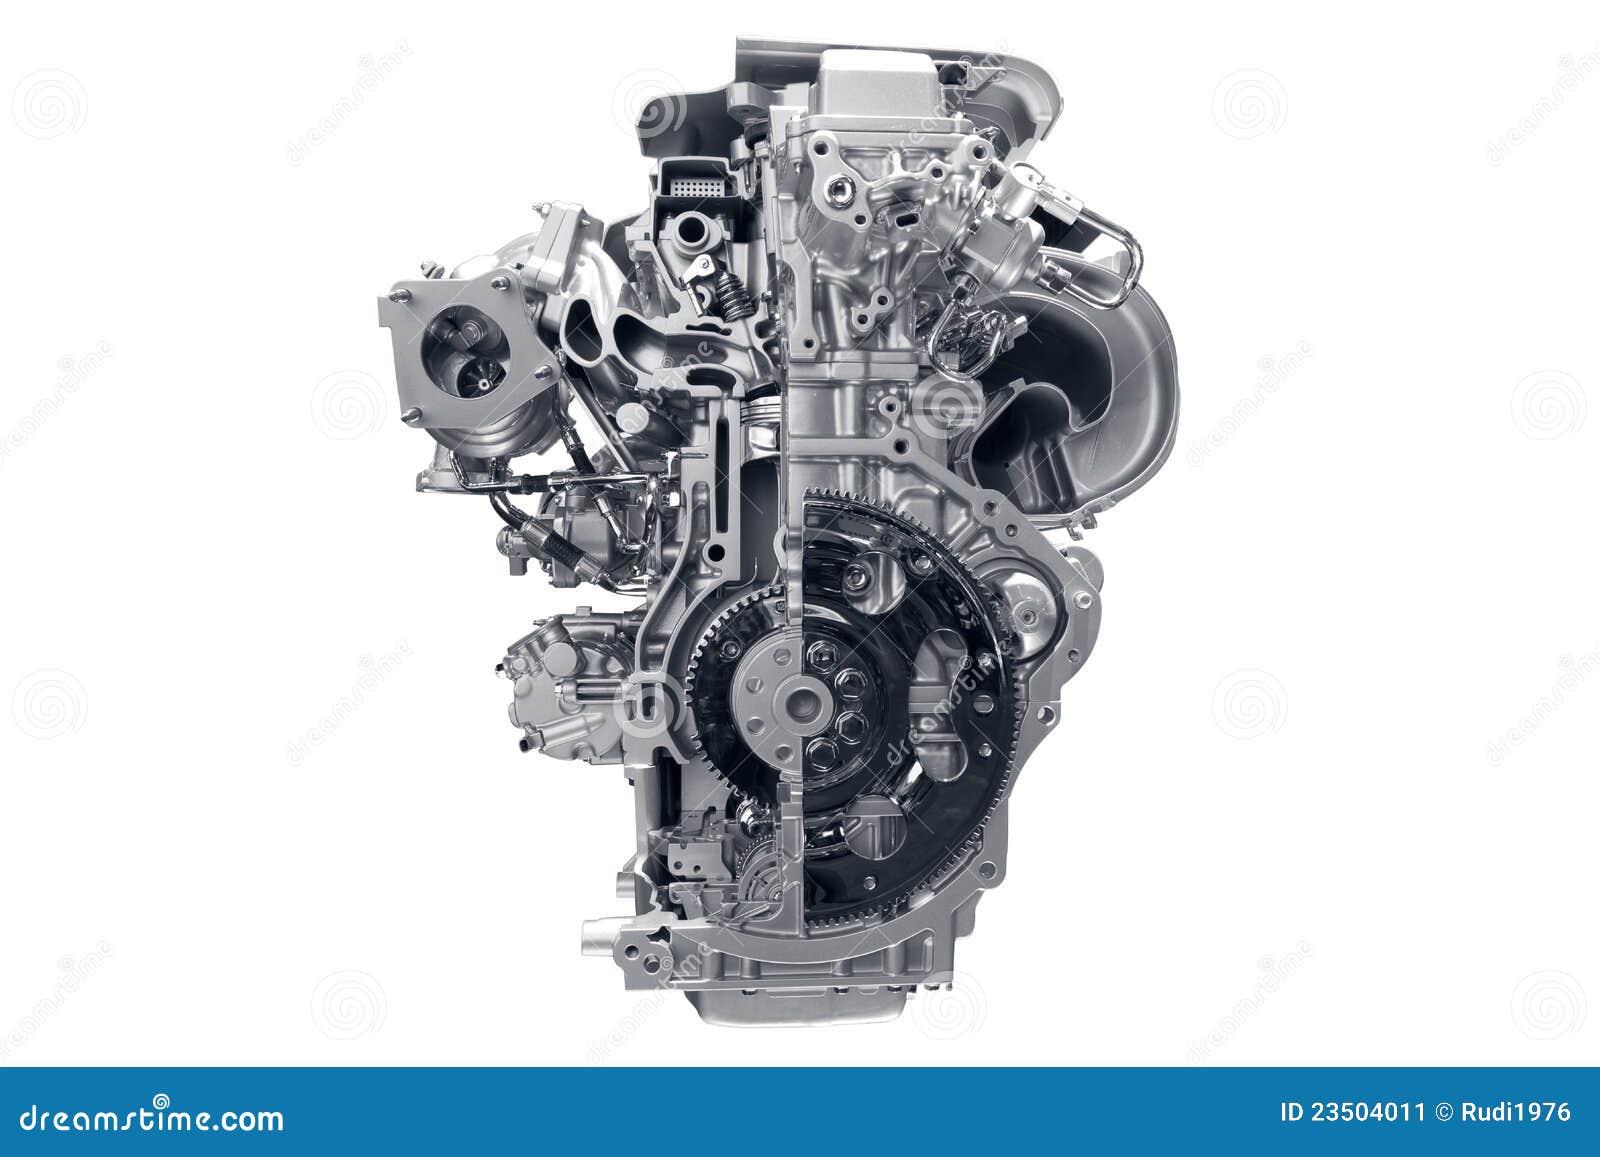 Motor van een auto.